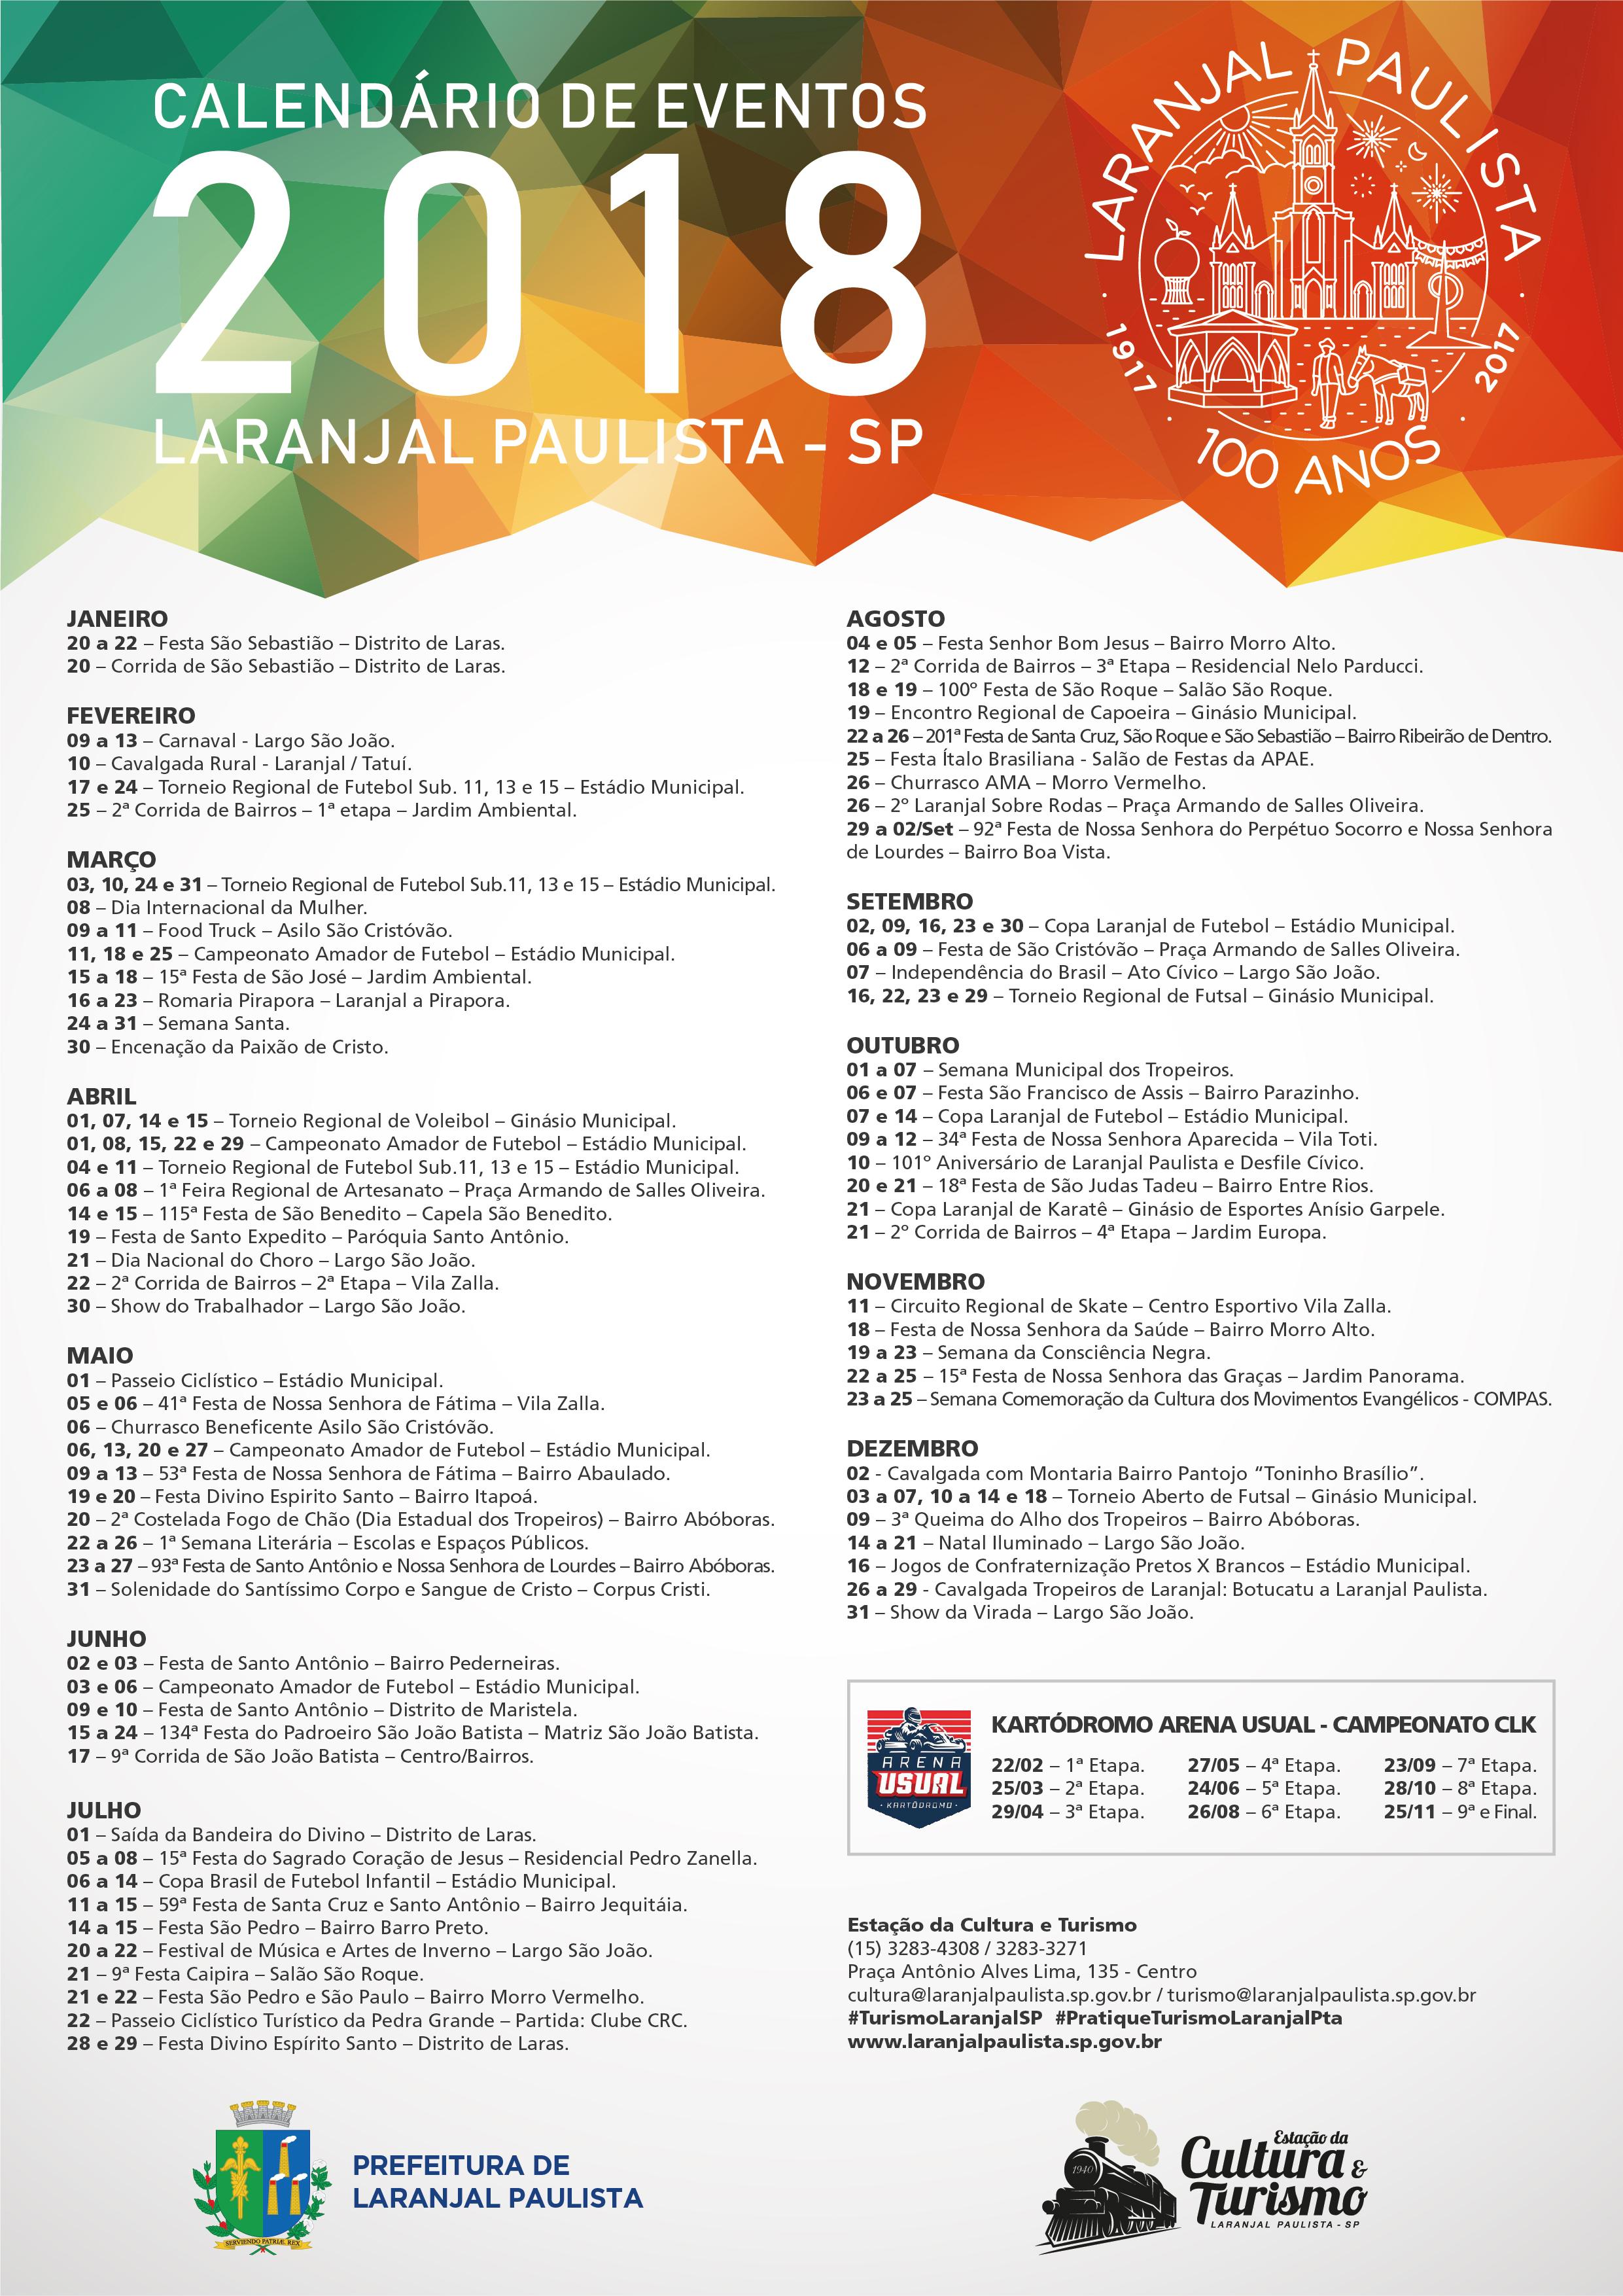 Calendário de Eventos de Laranjal Paulista para 2018